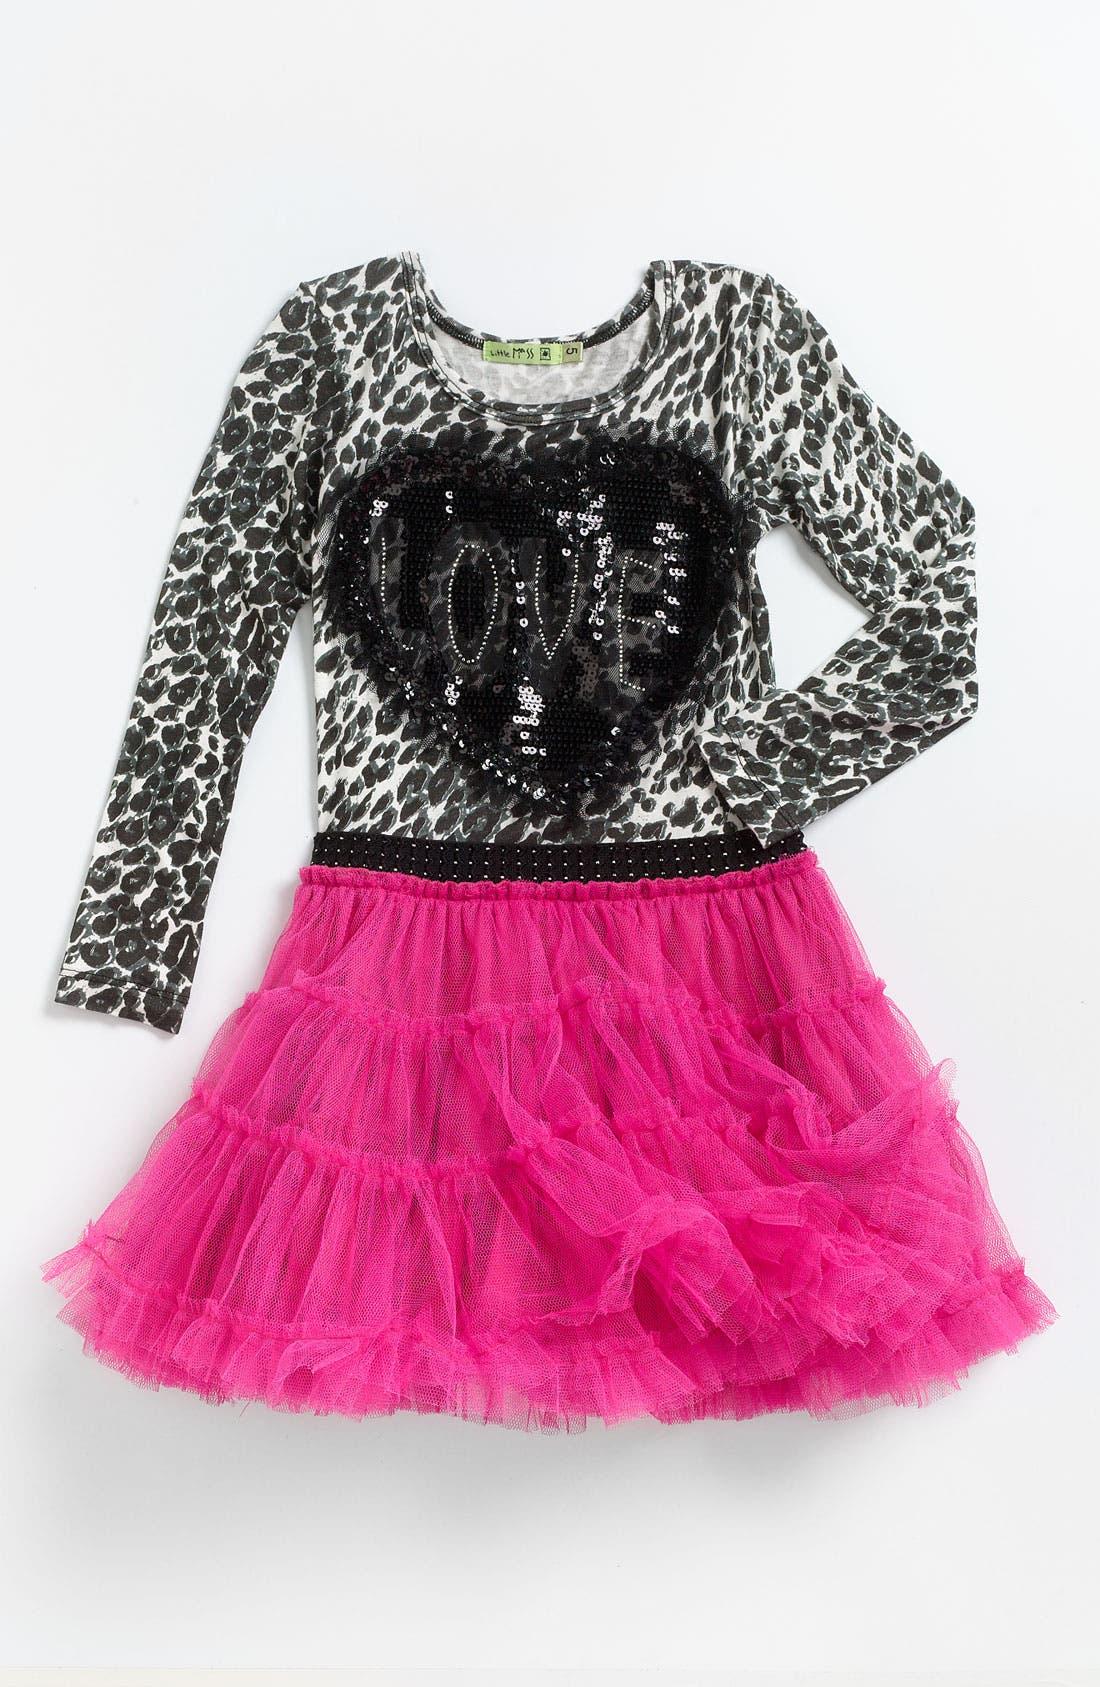 Alternate Image 1 Selected - Little Mass 'Princess' Tutu Dress (Little Girls)